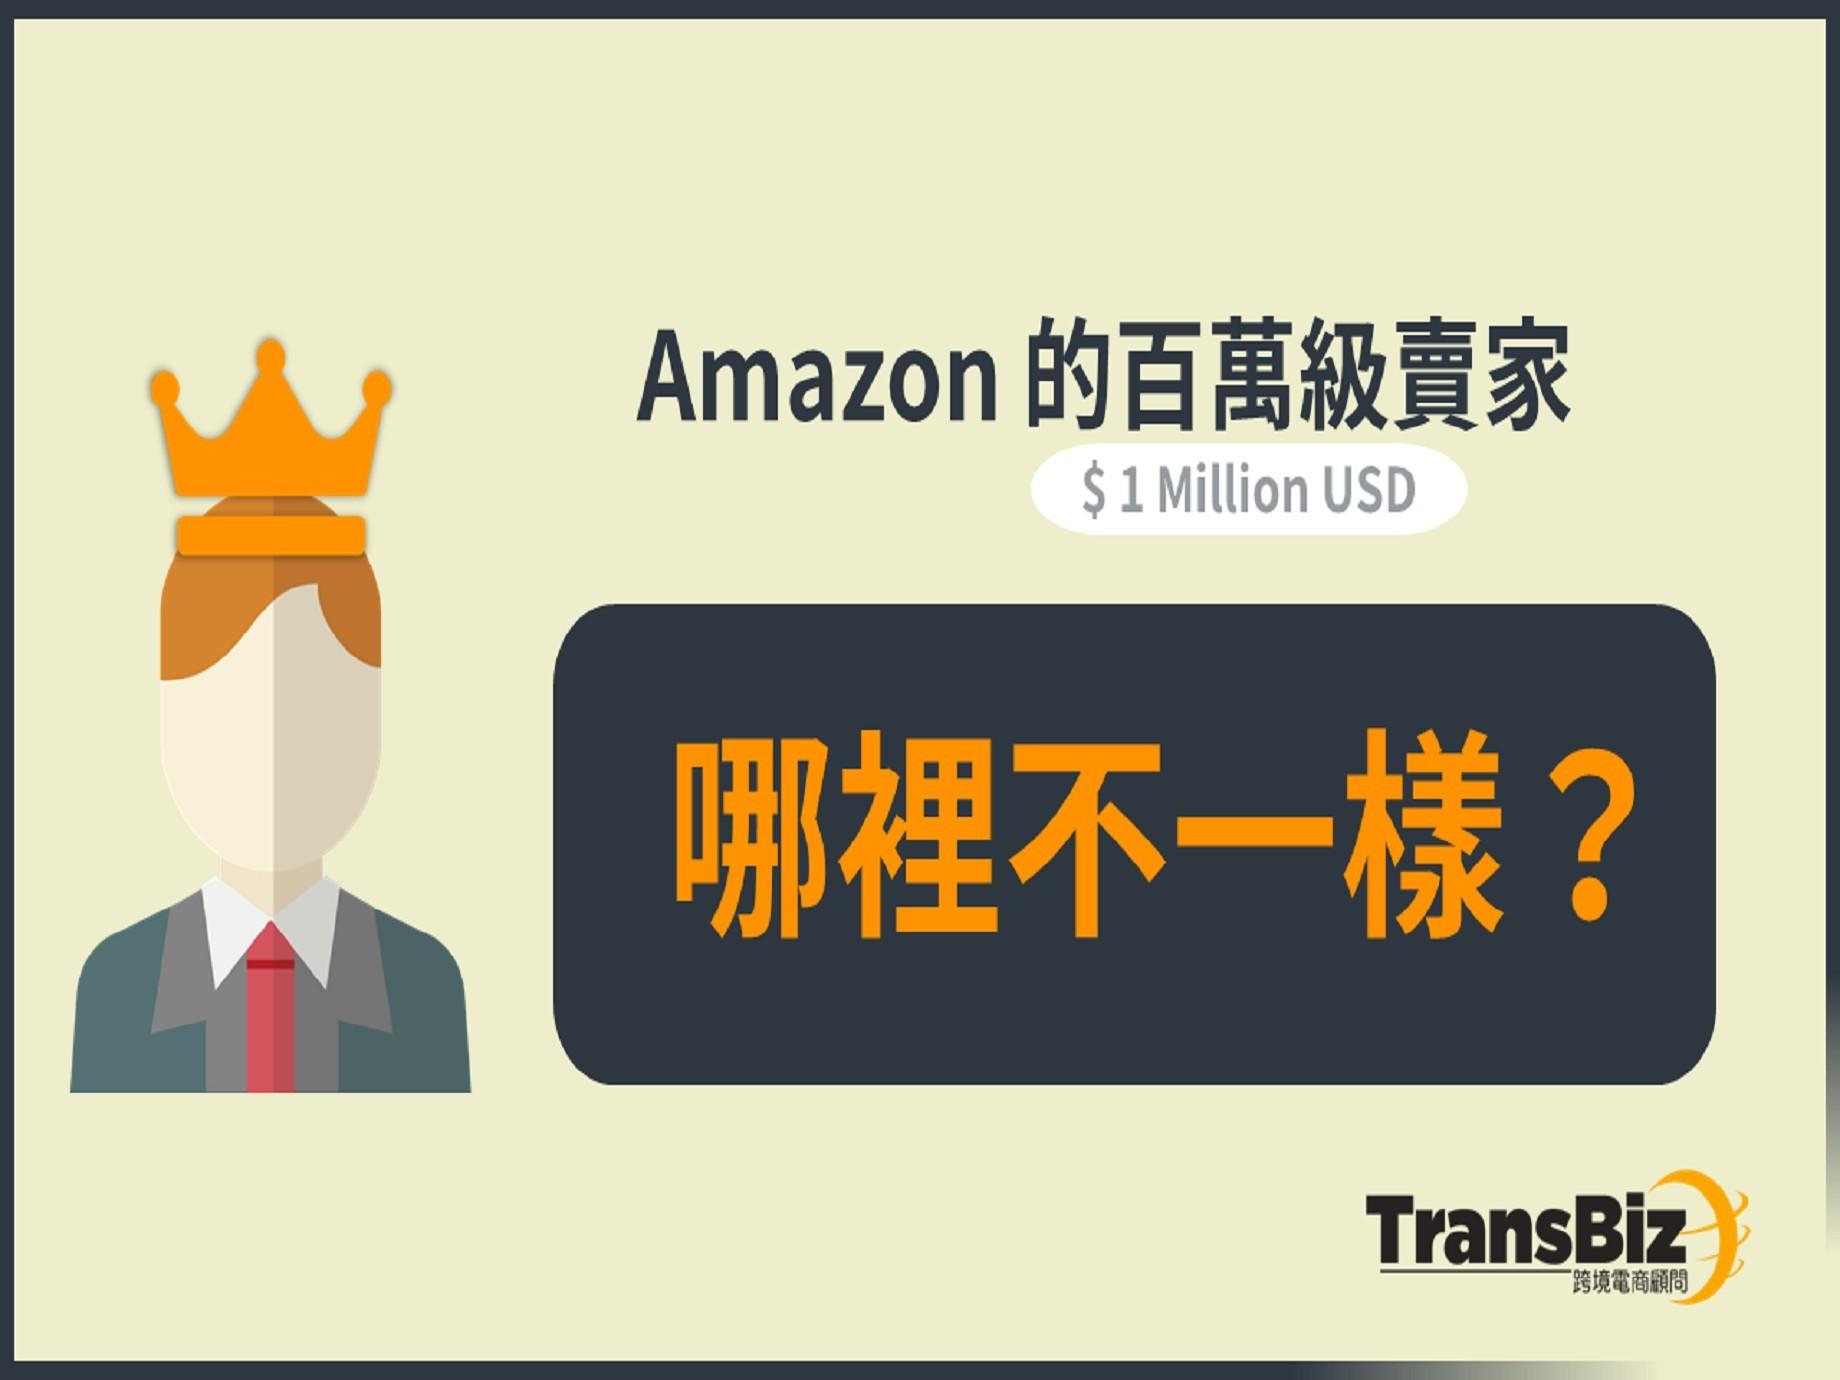 百萬美金級的Amazon賣家,哪裡不一樣?10個特點帶你一窺究竟!